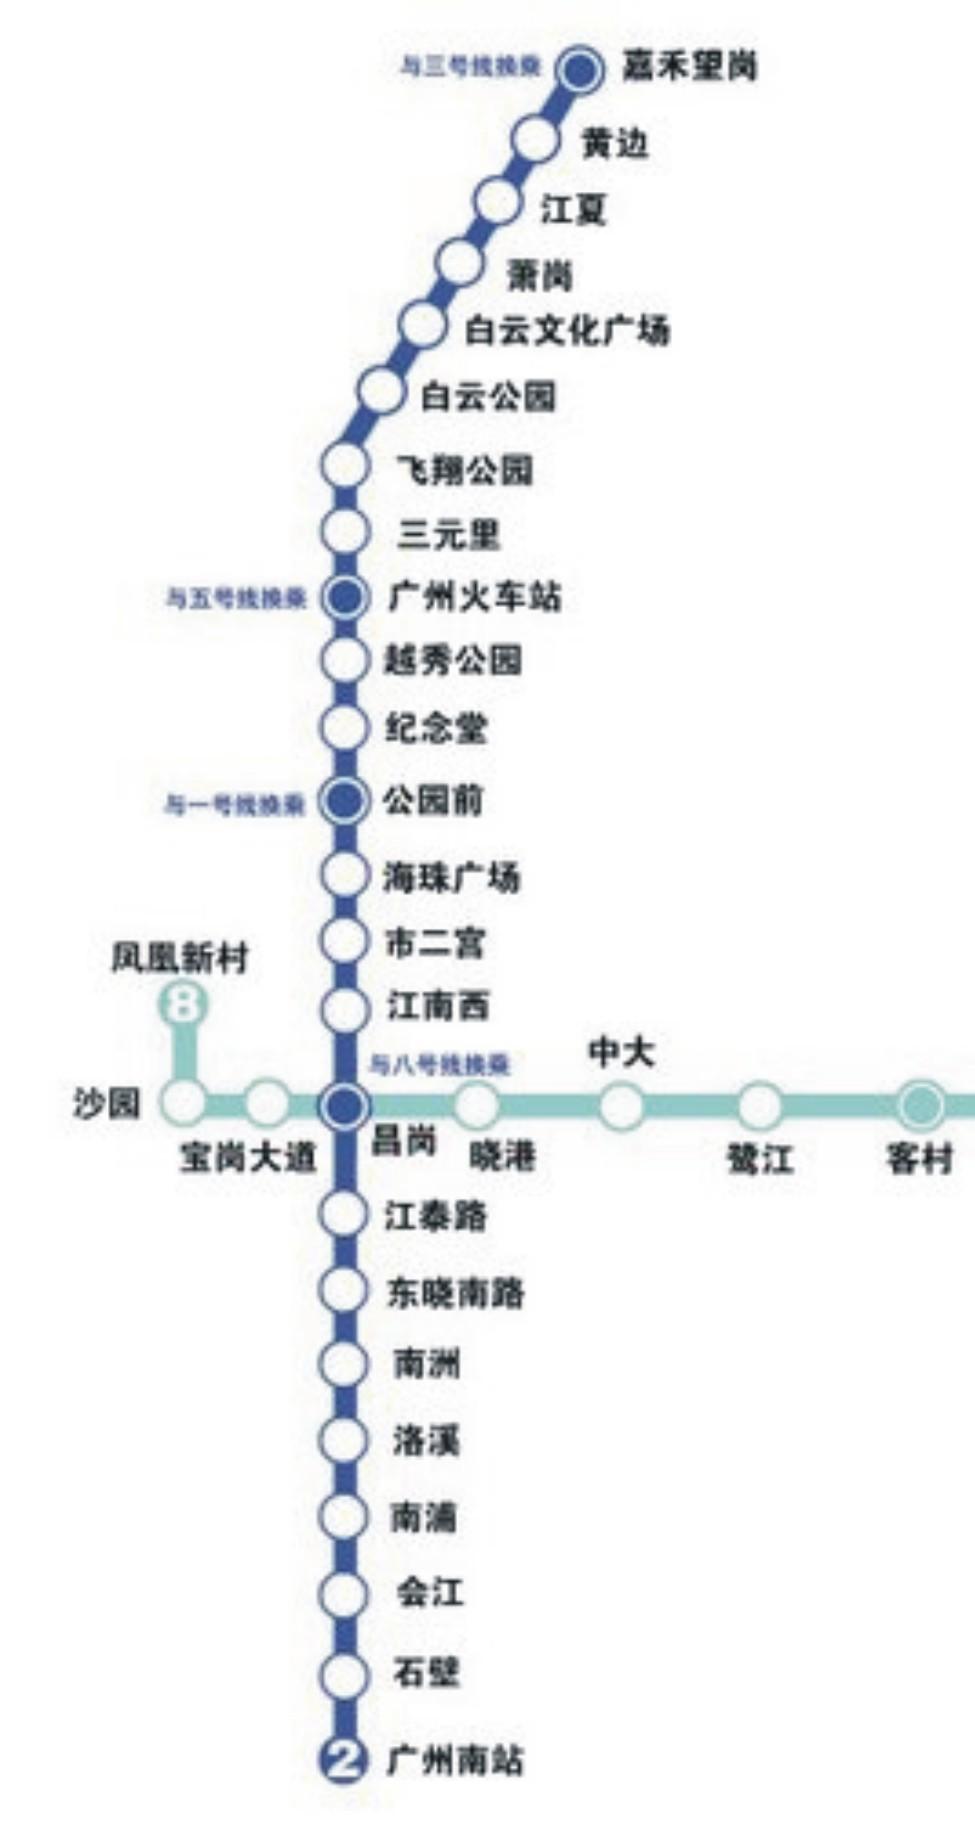 上海15号地铁路线图 15号地铁路线图 重庆3号地铁路线图图片